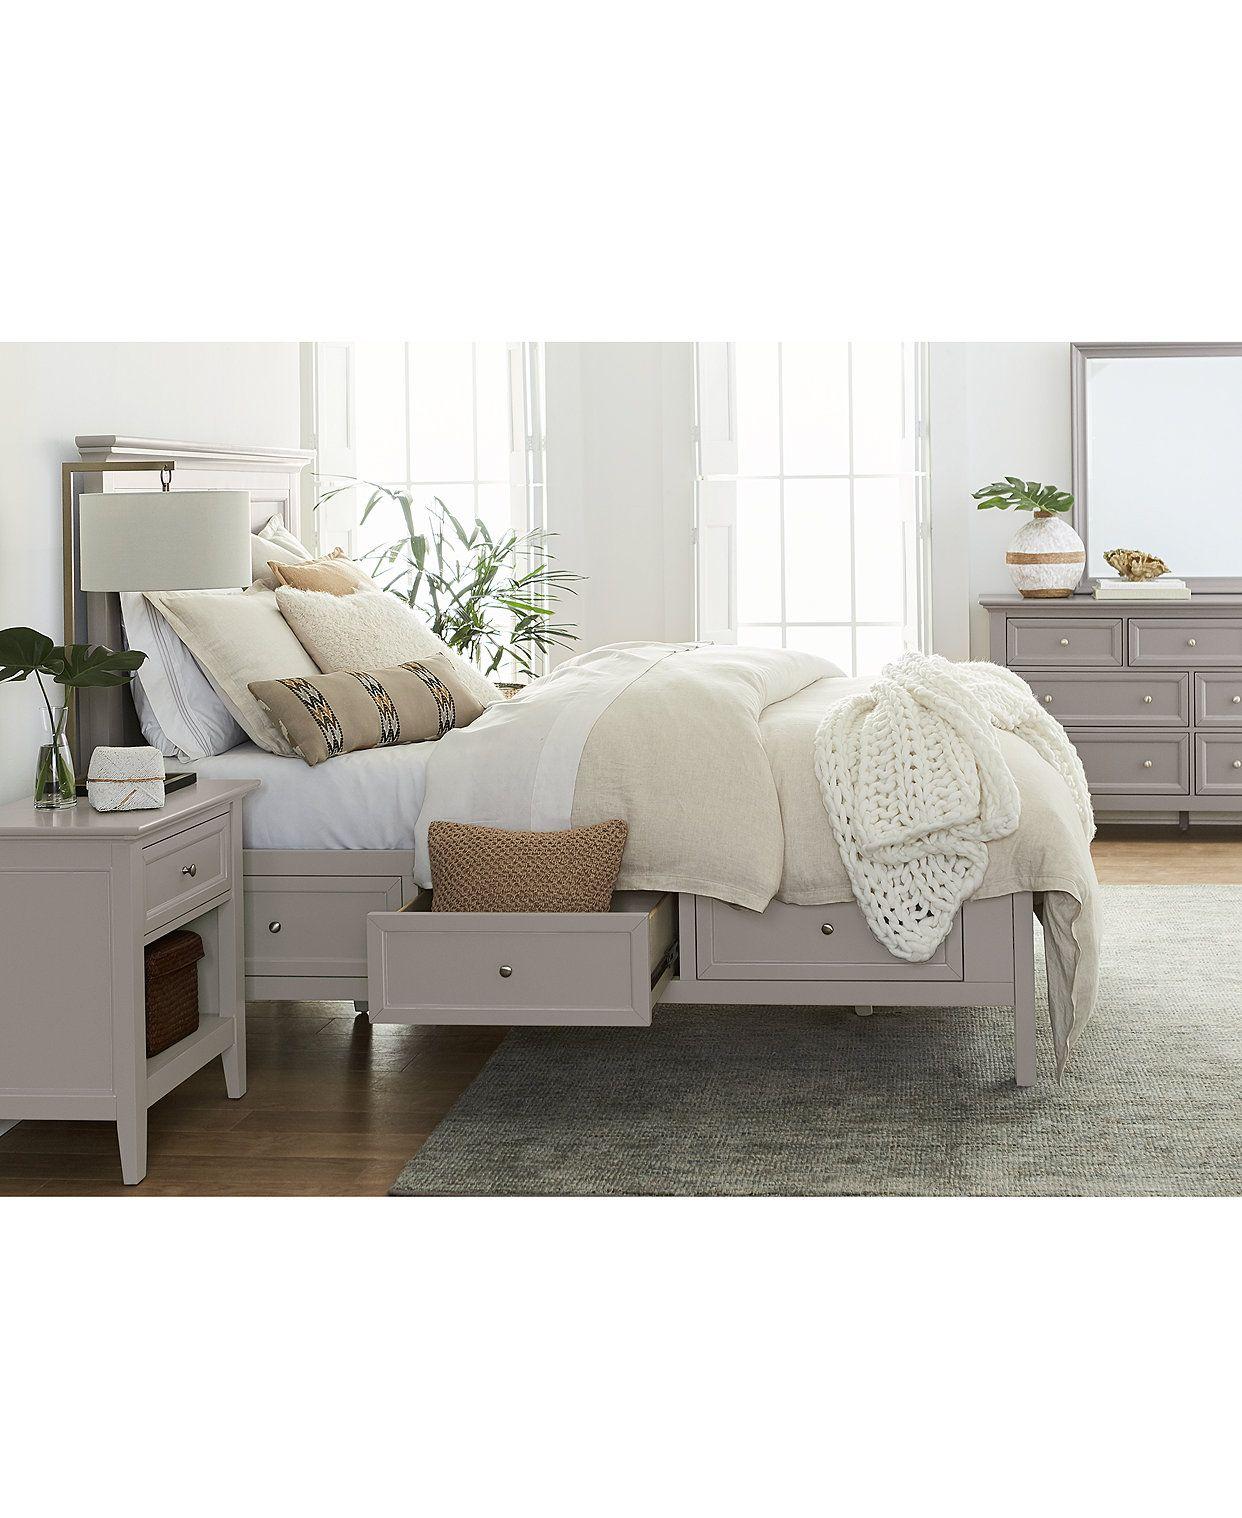 Furniture Sanibel Storage Bedroom Furniture 3 Pc Set Queen Bed Nightstand And Dresser Created For Macy S Reviews Furniture Macy S In 2020 Bedroom Furniture Sets White Wood Bedroom Furniture Furniture